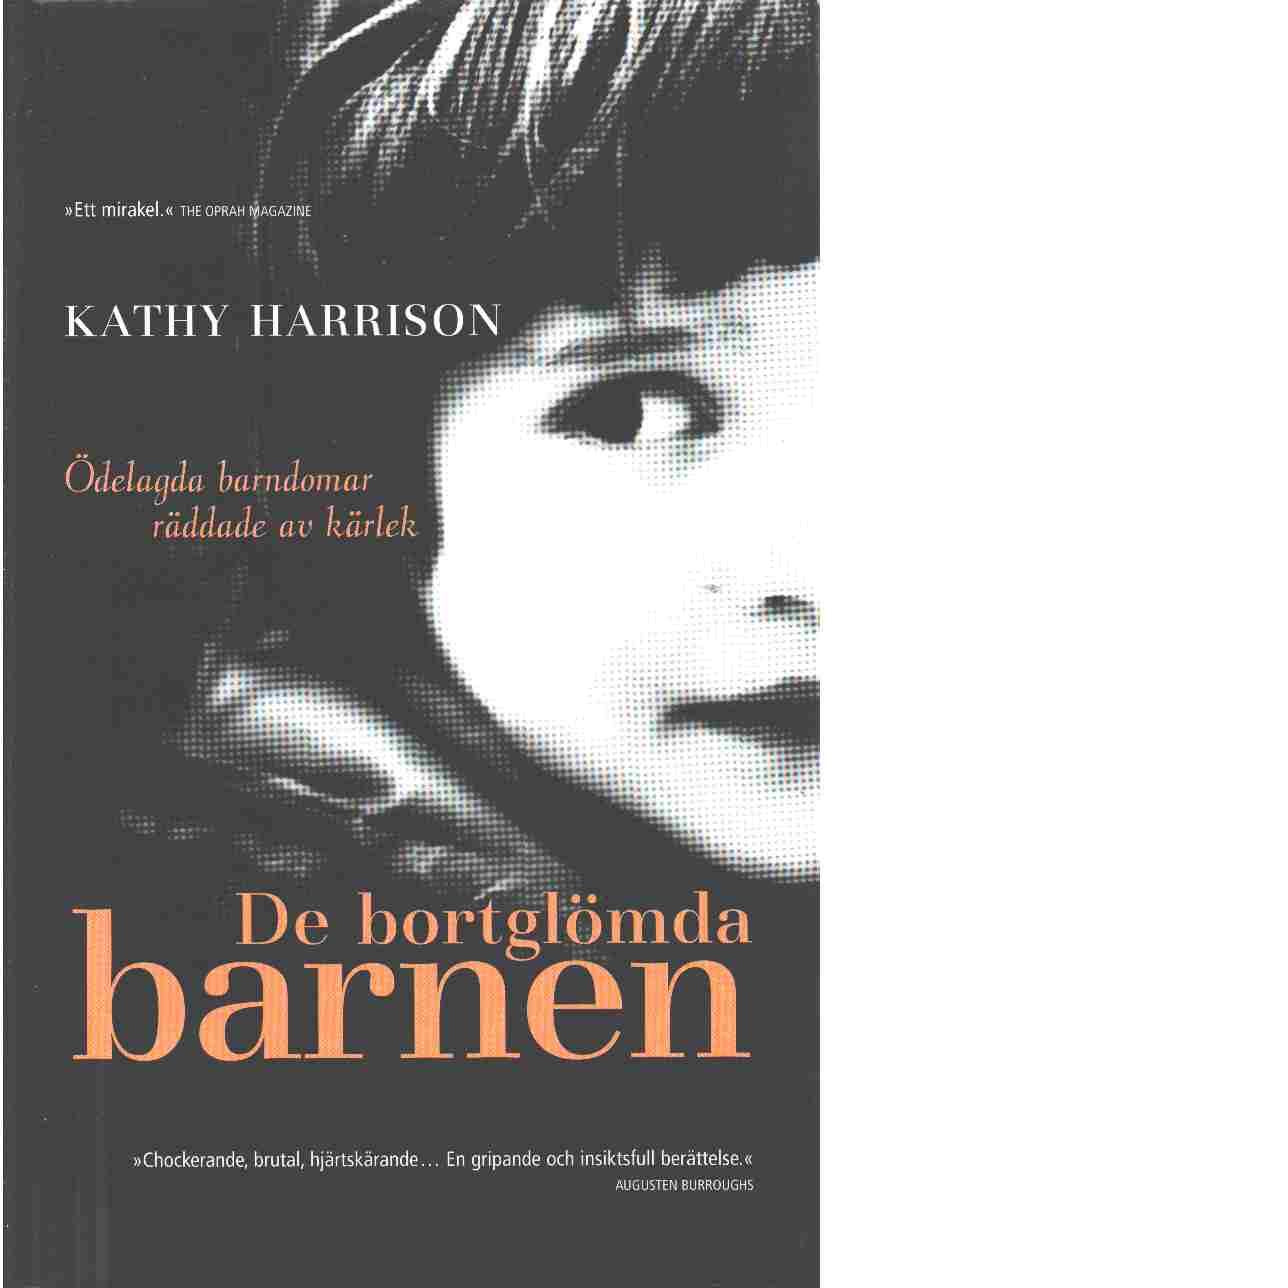 De bortglömda barnen - Harrison, Kathy